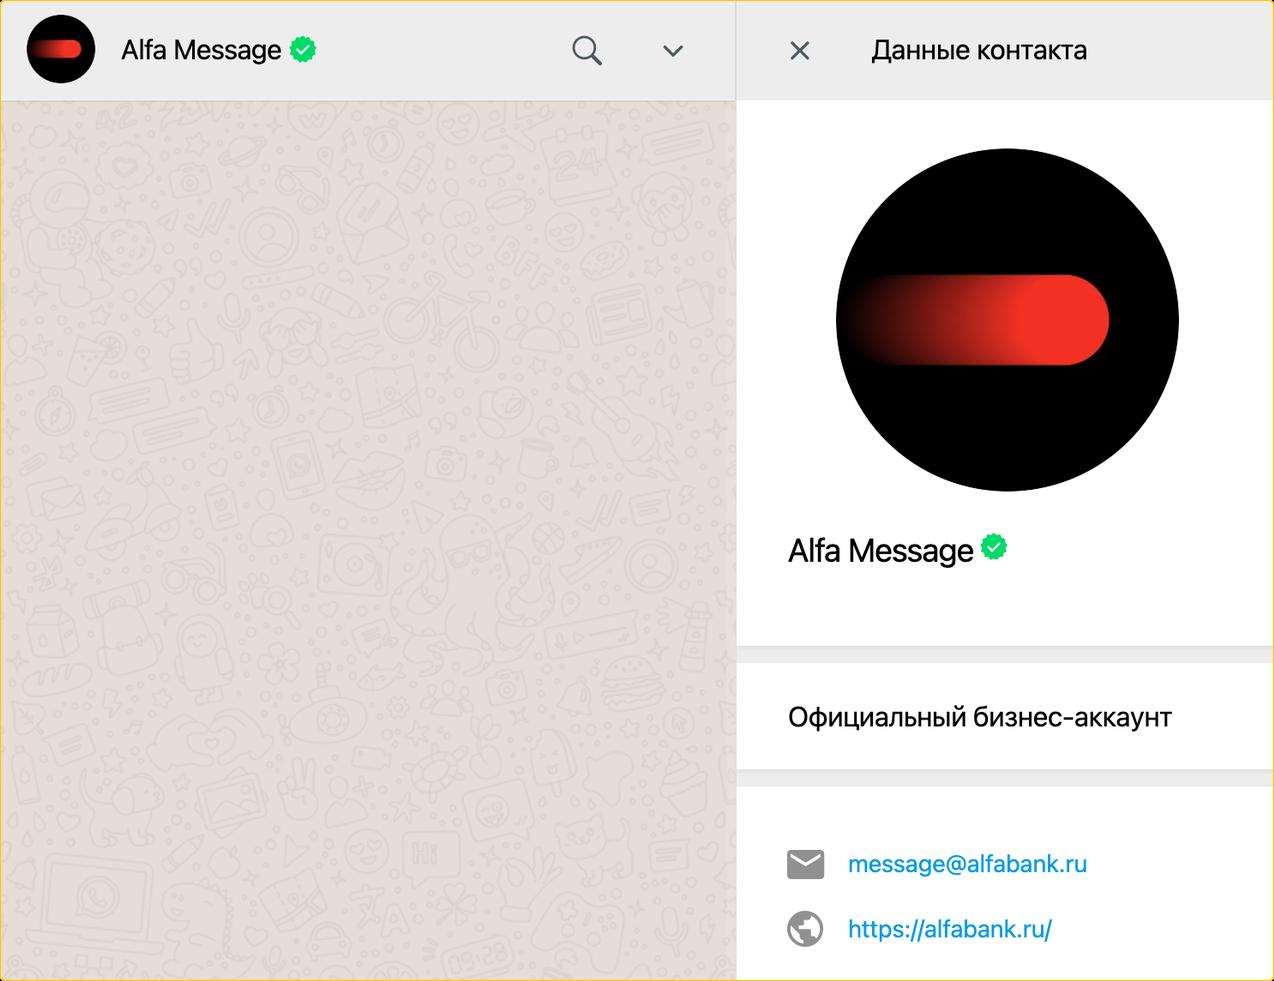 Получить официальный бизнес-аккаунт в WhatsApp могут только крупные известные компании